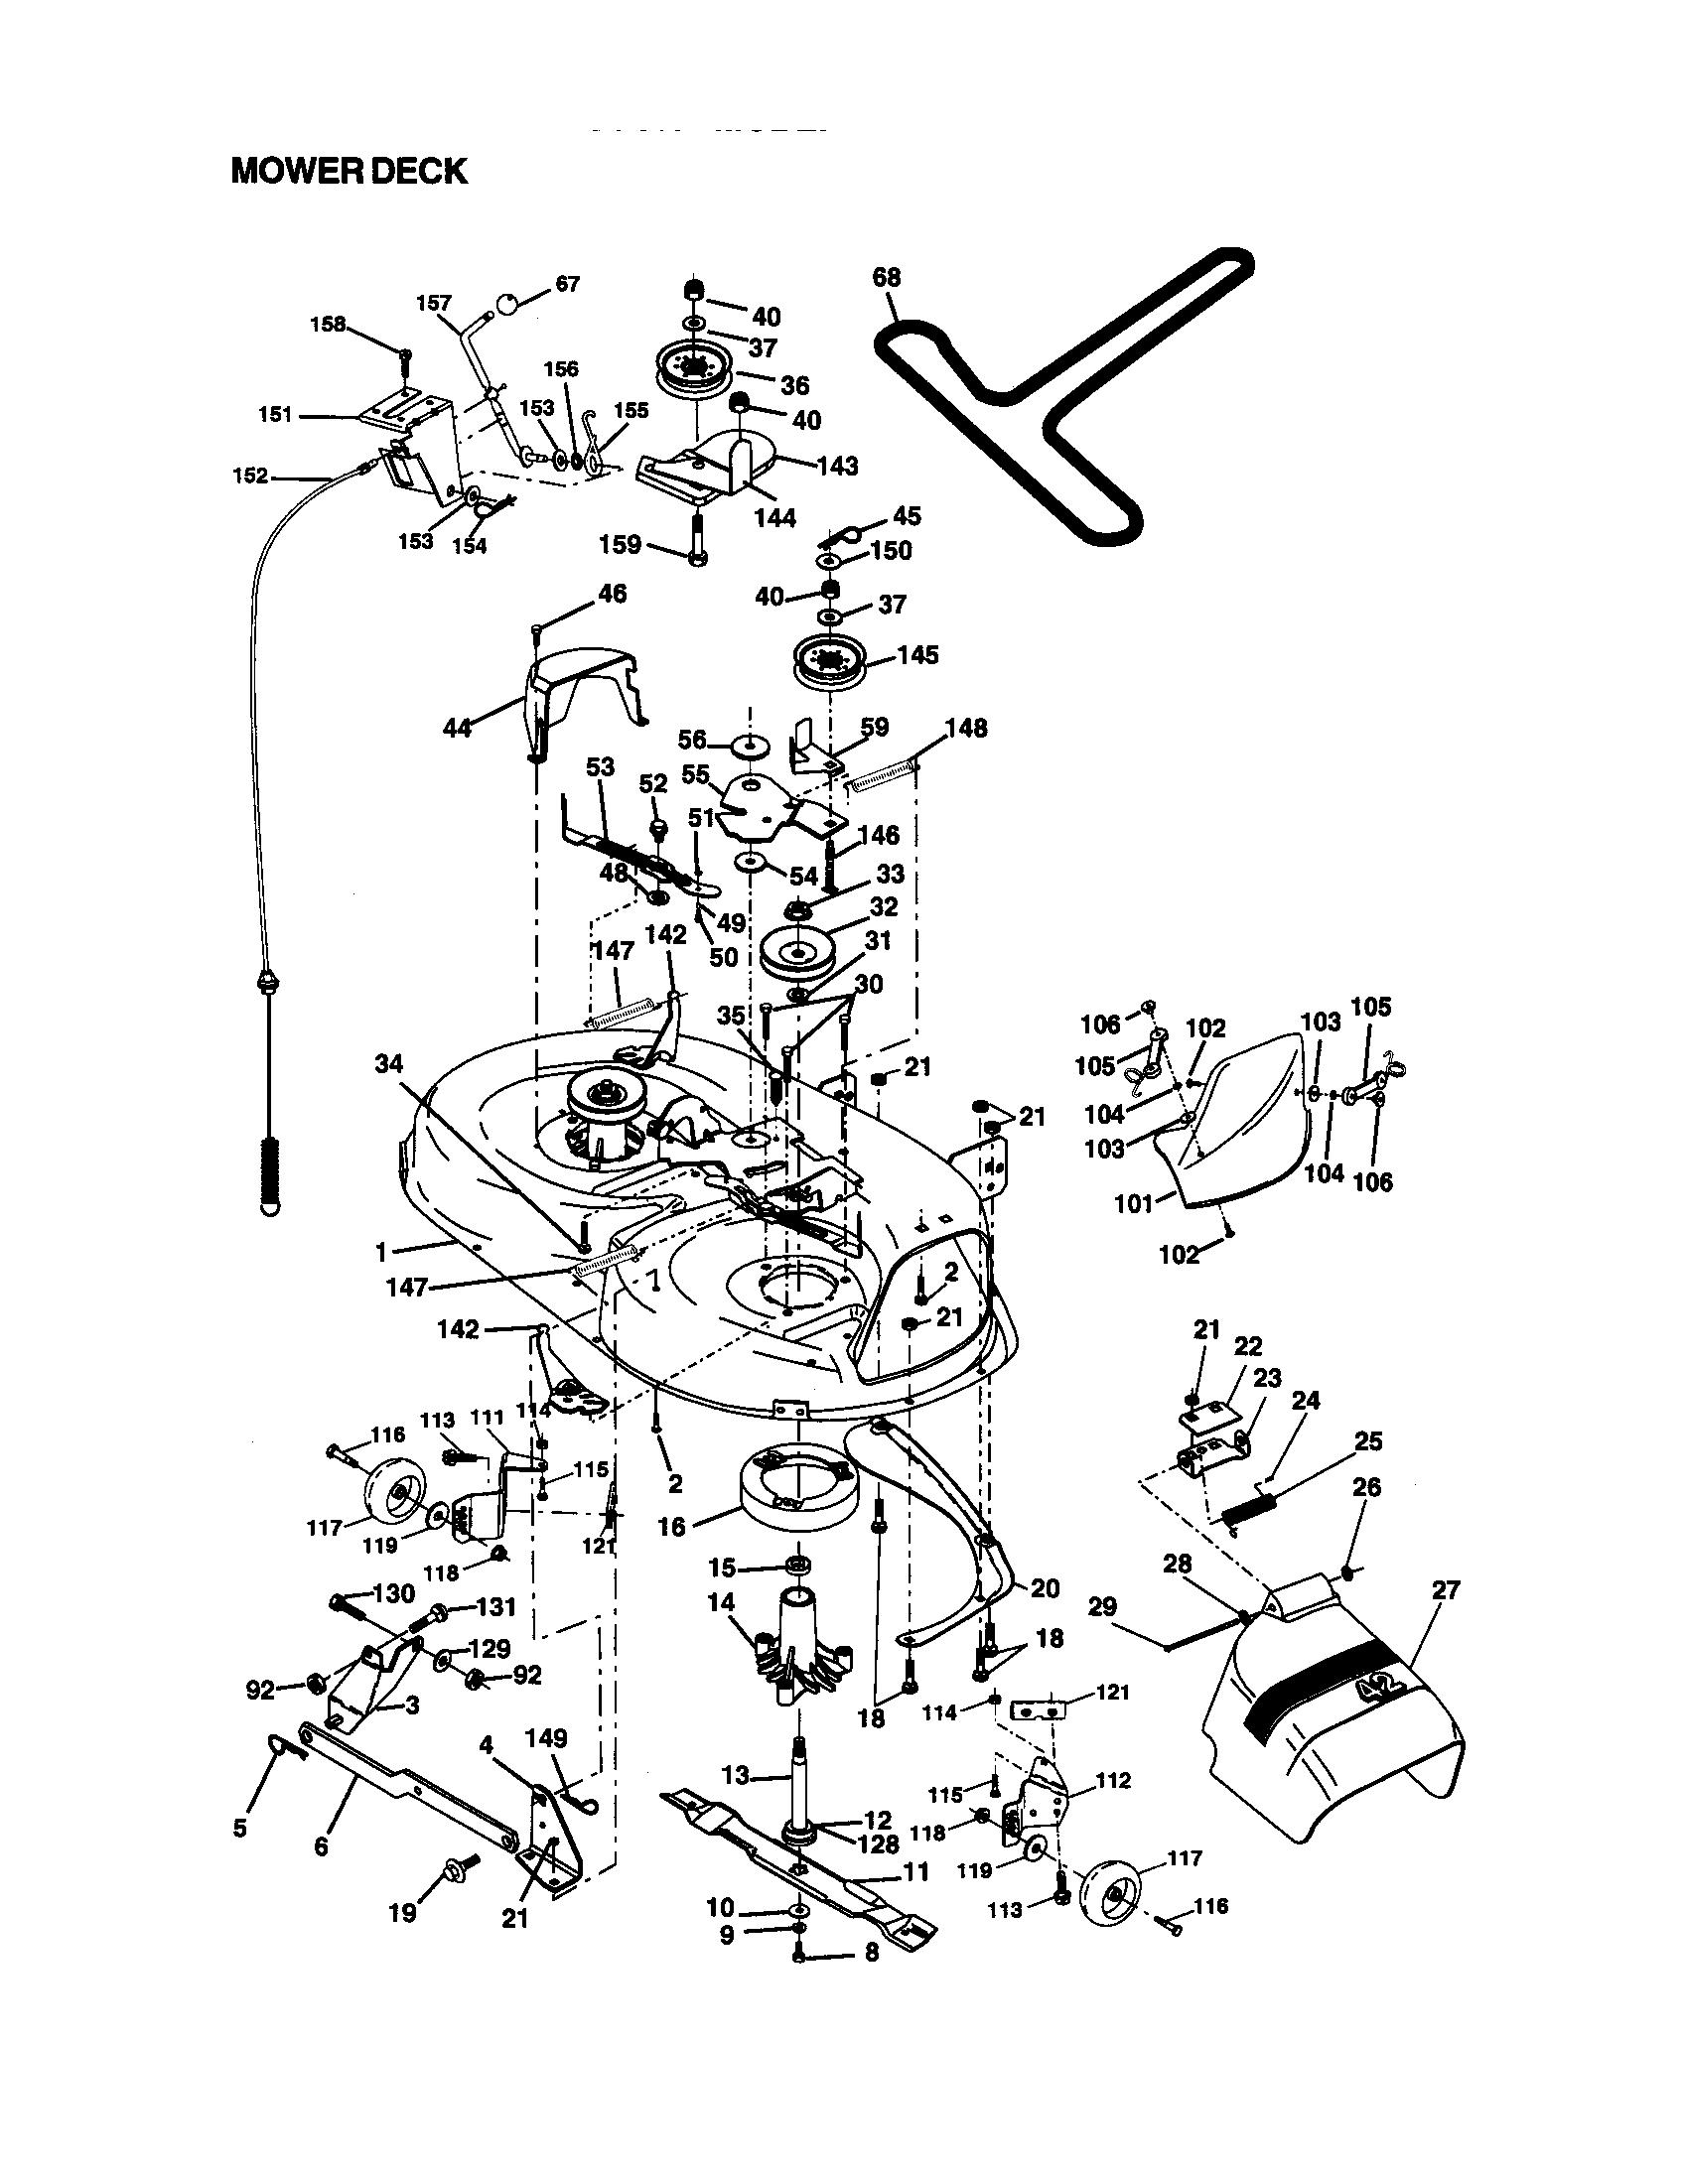 Craftsman model 917270930 lawn, tractor genuine parts